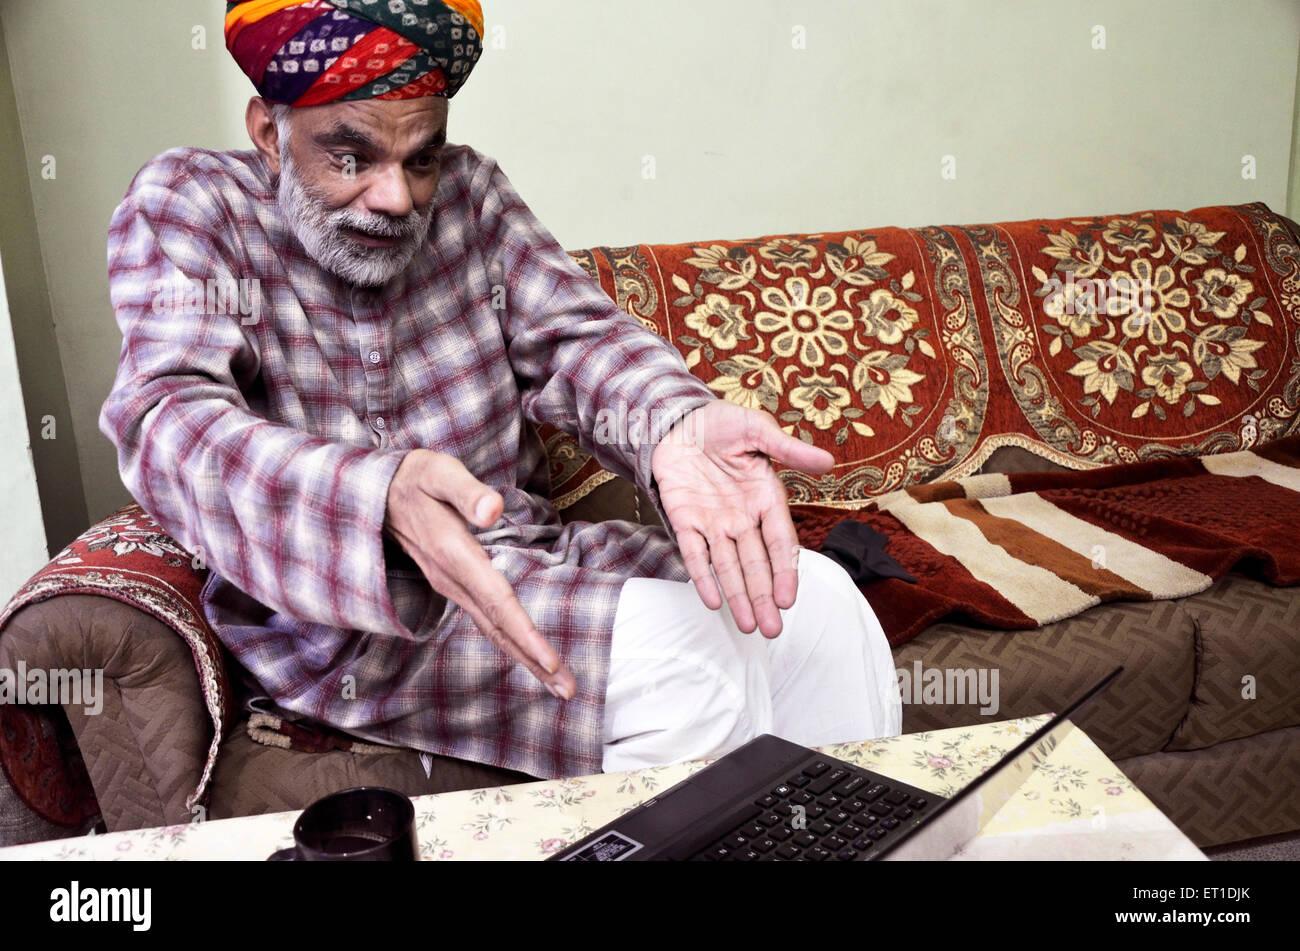 Man Surprise Expression MR#704 Jodhpur Rajasthan India Asia - Stock Image